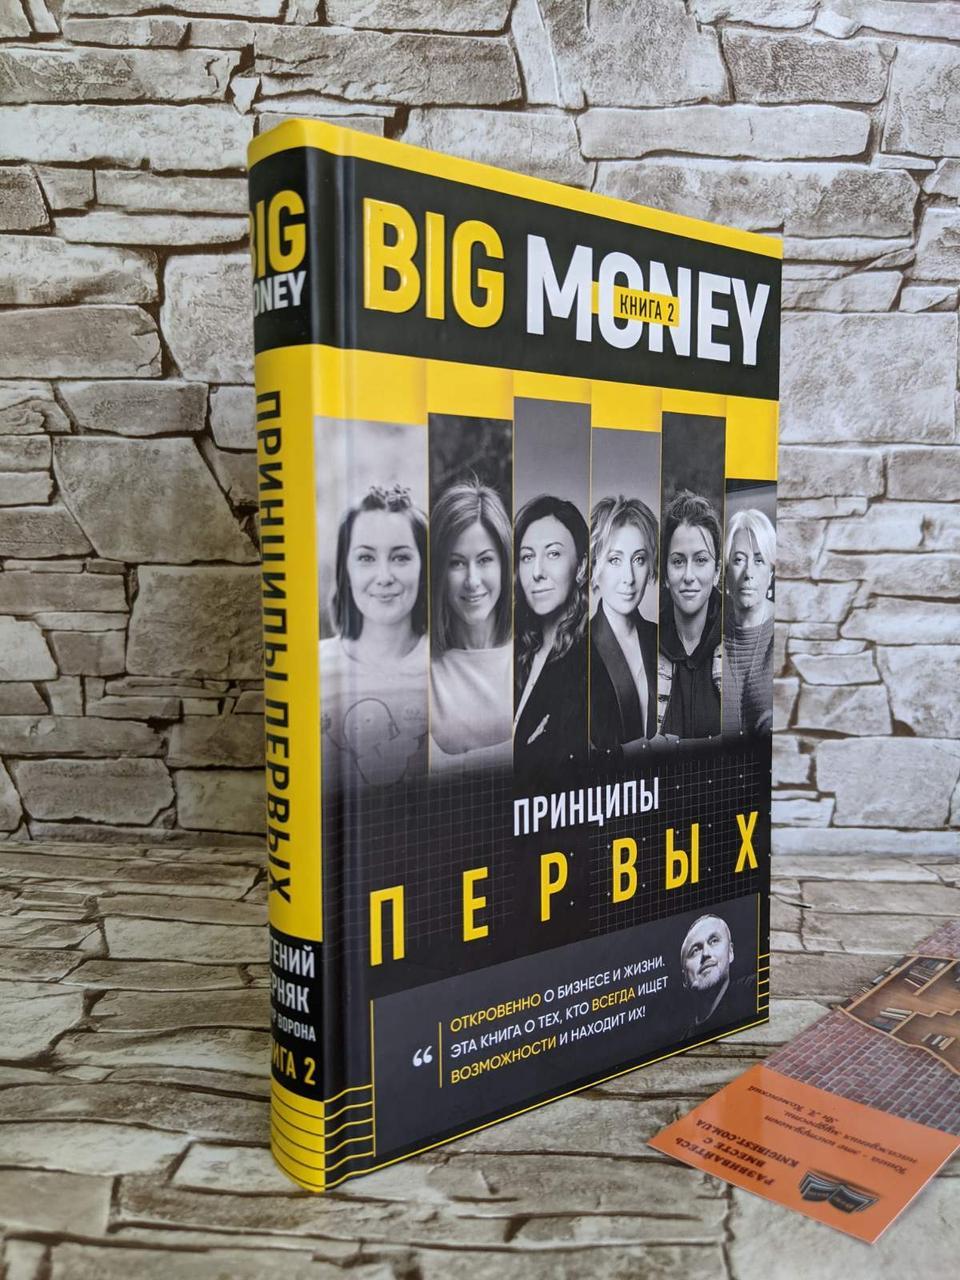 """Книга """"Big Money: принципы первых"""" 2 часть Черняк Евгений"""